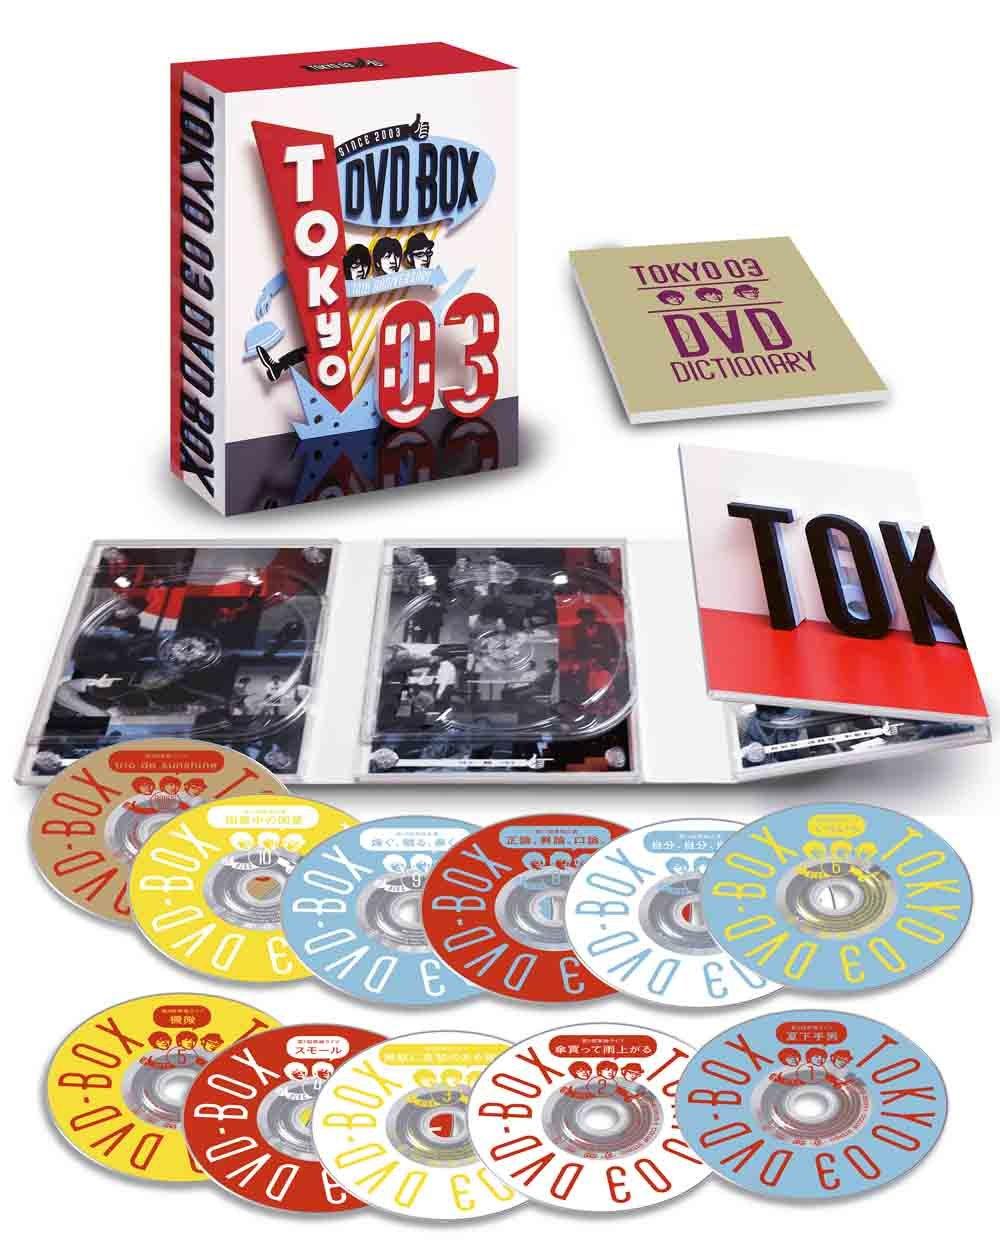 新発売の B00B8A21C6 東京03 DVD-BOX東京03 DVD-BOX B00B8A21C6, 厚真町:93189620 --- a0267596.xsph.ru